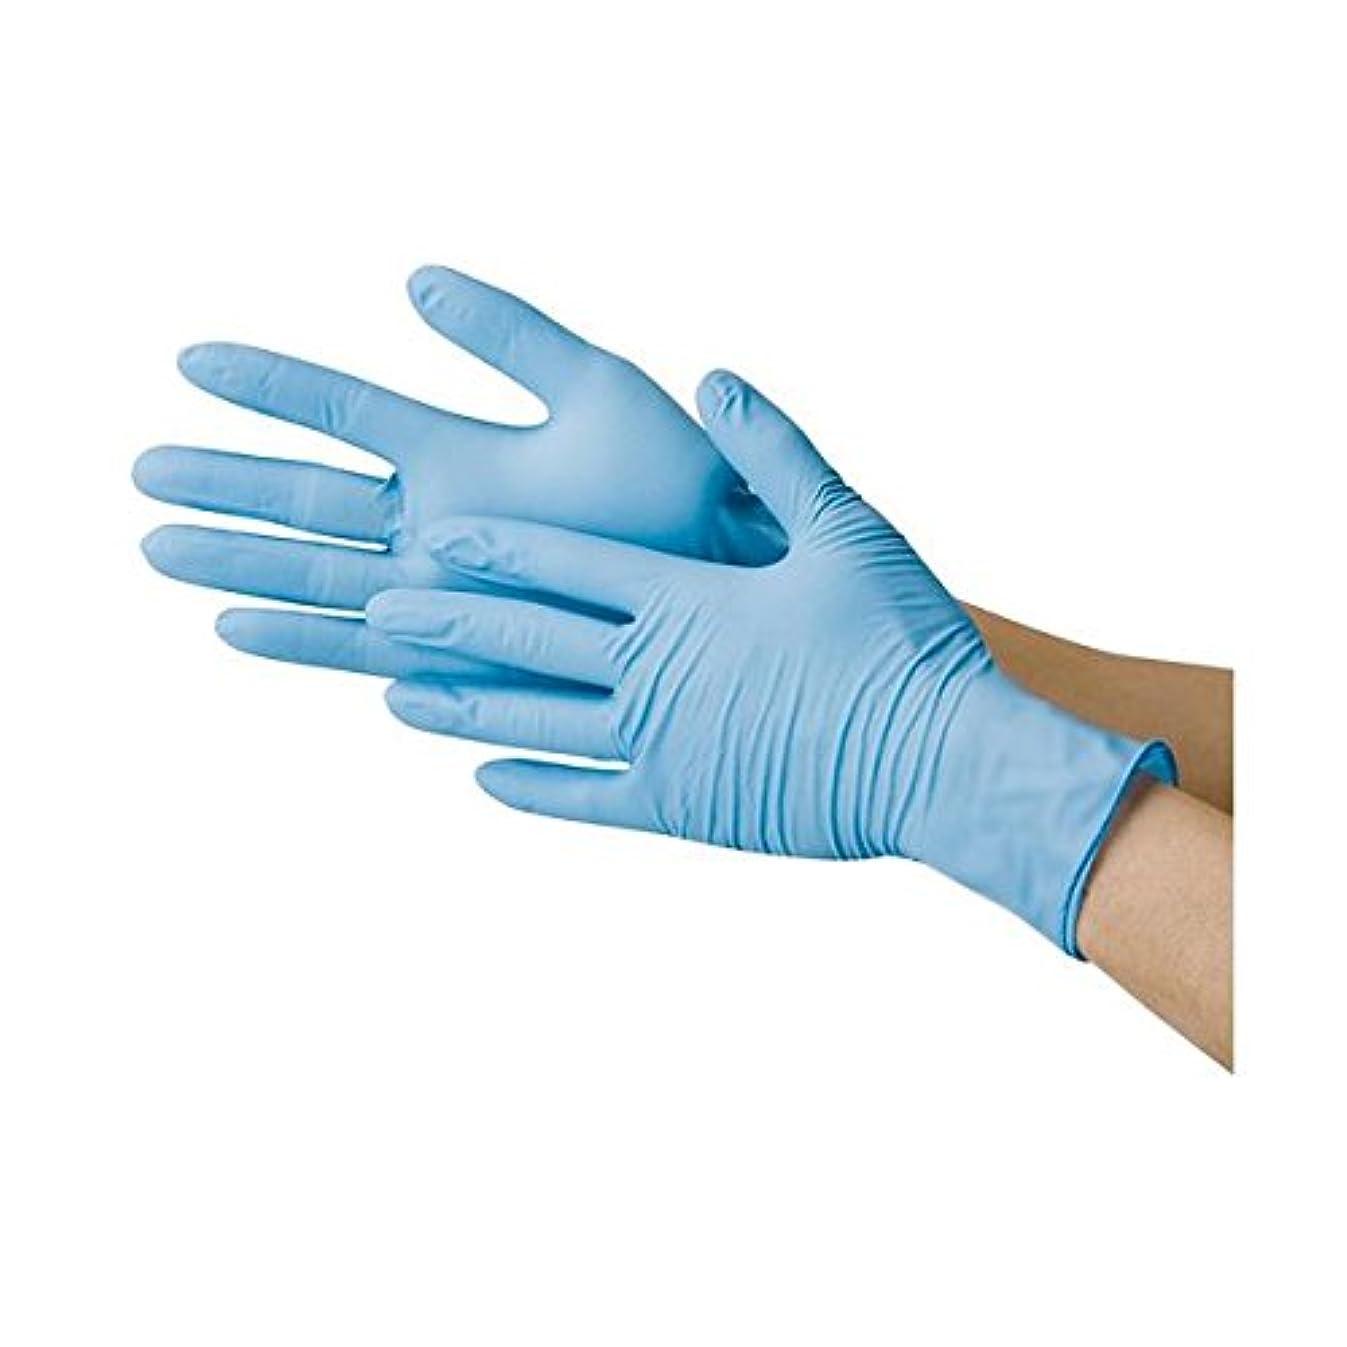 モノグラフ議会農夫(業務用20セット) 川西工業 ニトリル極薄手袋 粉なし BS #2039 Sサイズ ブルー ダイエット 健康 衛生用品 その他の衛生用品 14067381 [並行輸入品]